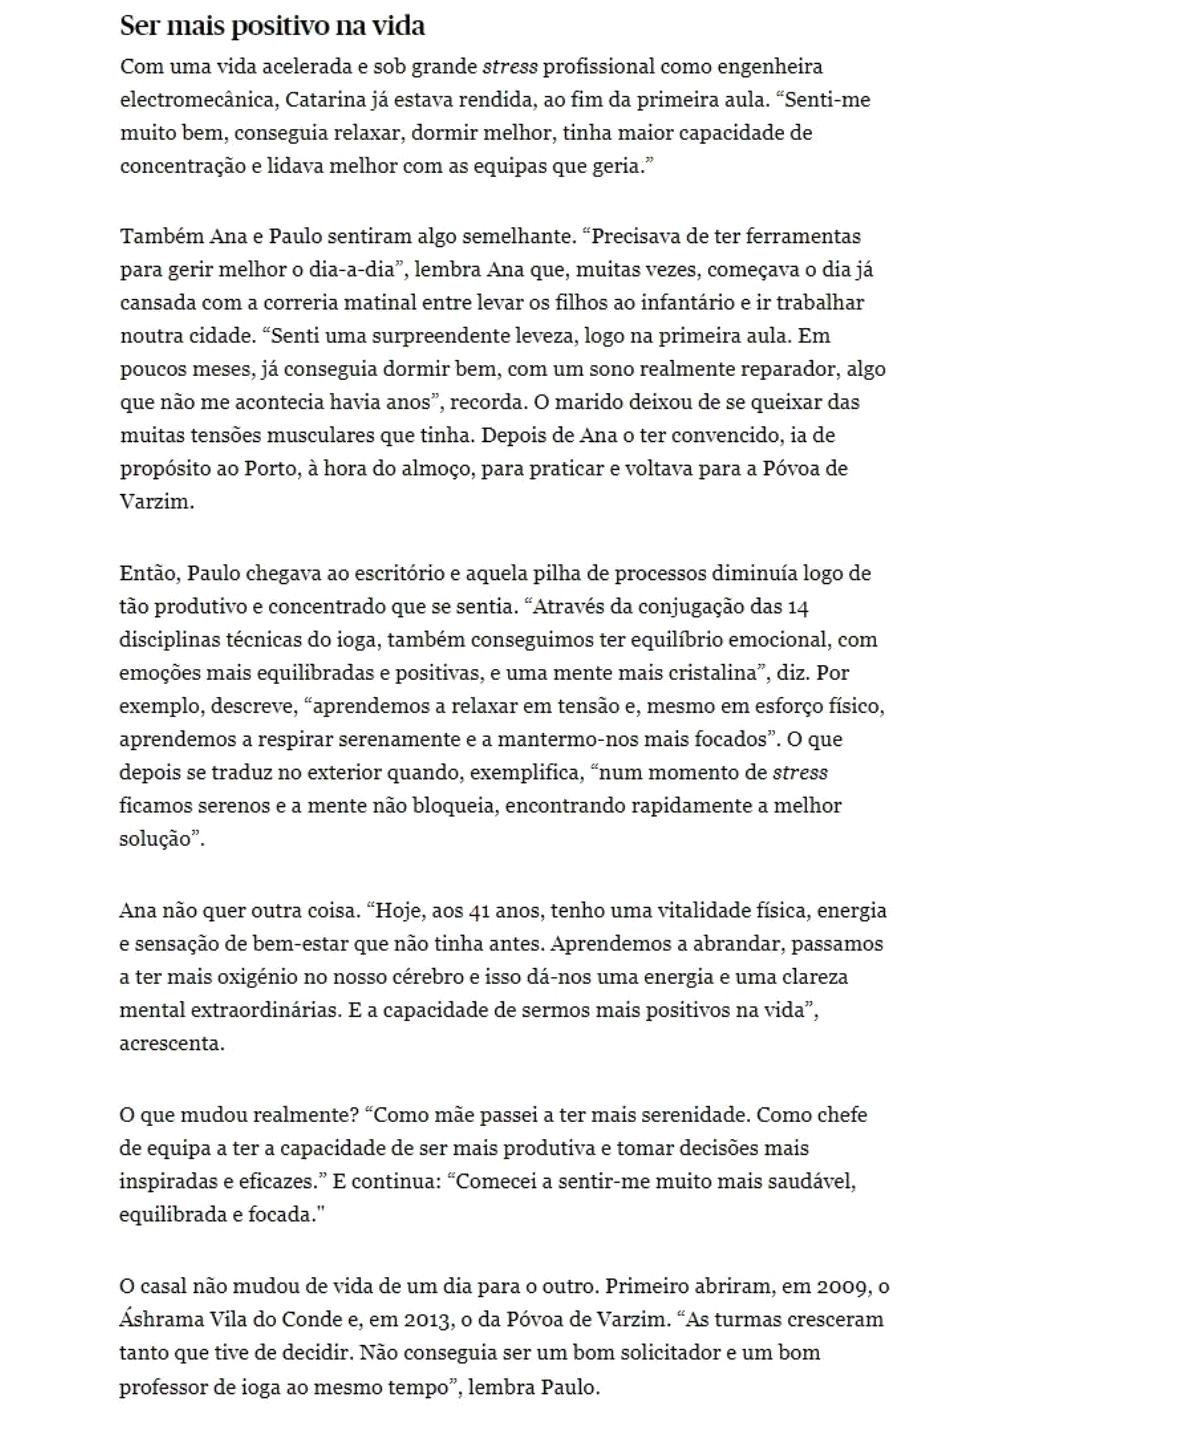 Ana, Catarina e Paulo mudaram de Vida - Público - 2017, Dezembro, 2 - pág.3